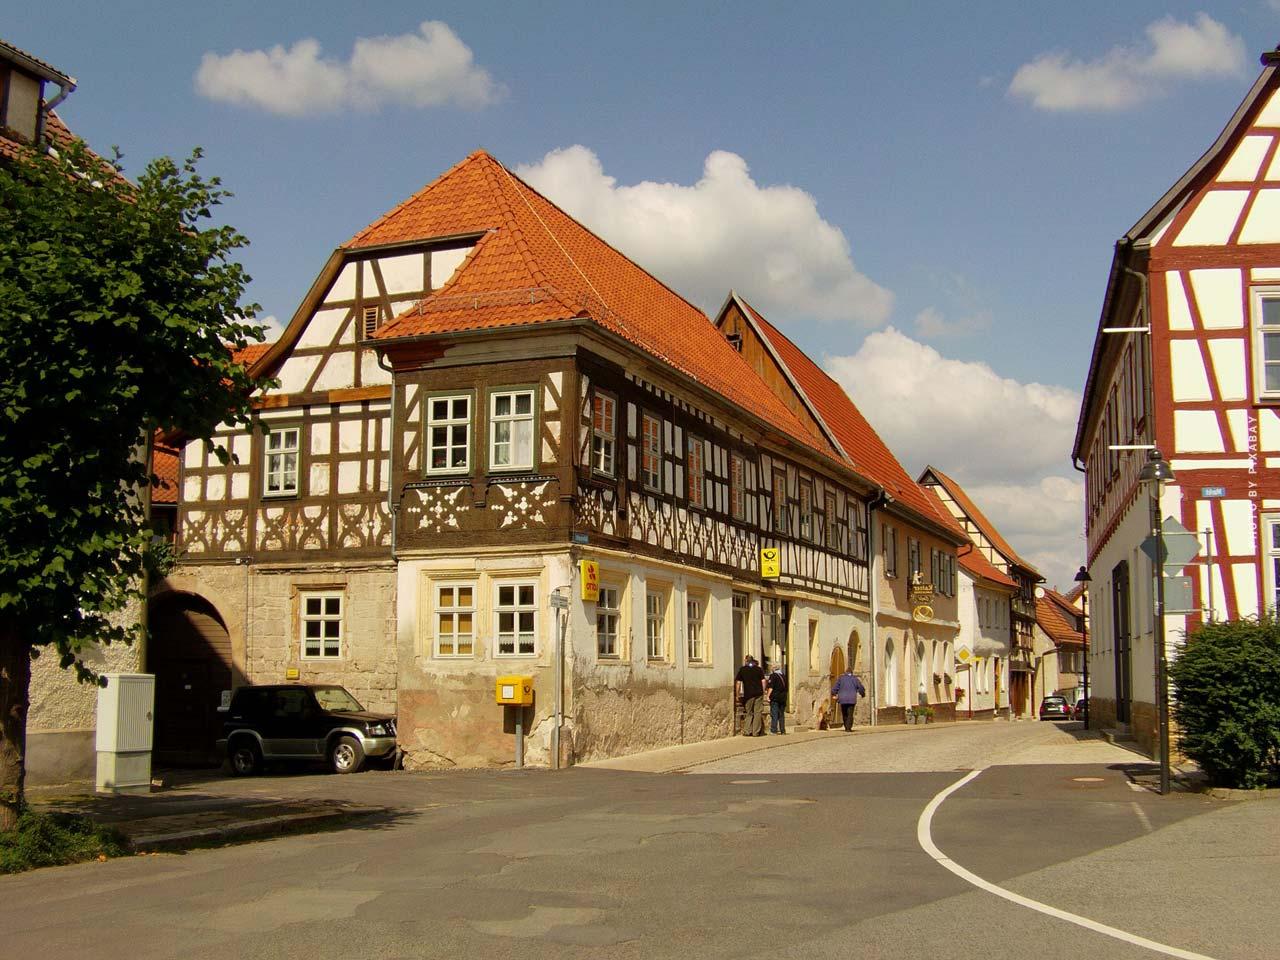 Haus Kauf Bietigheim-Bissingen: Kapitalanlage, Quadratmeter, Checkliste und Wohnung